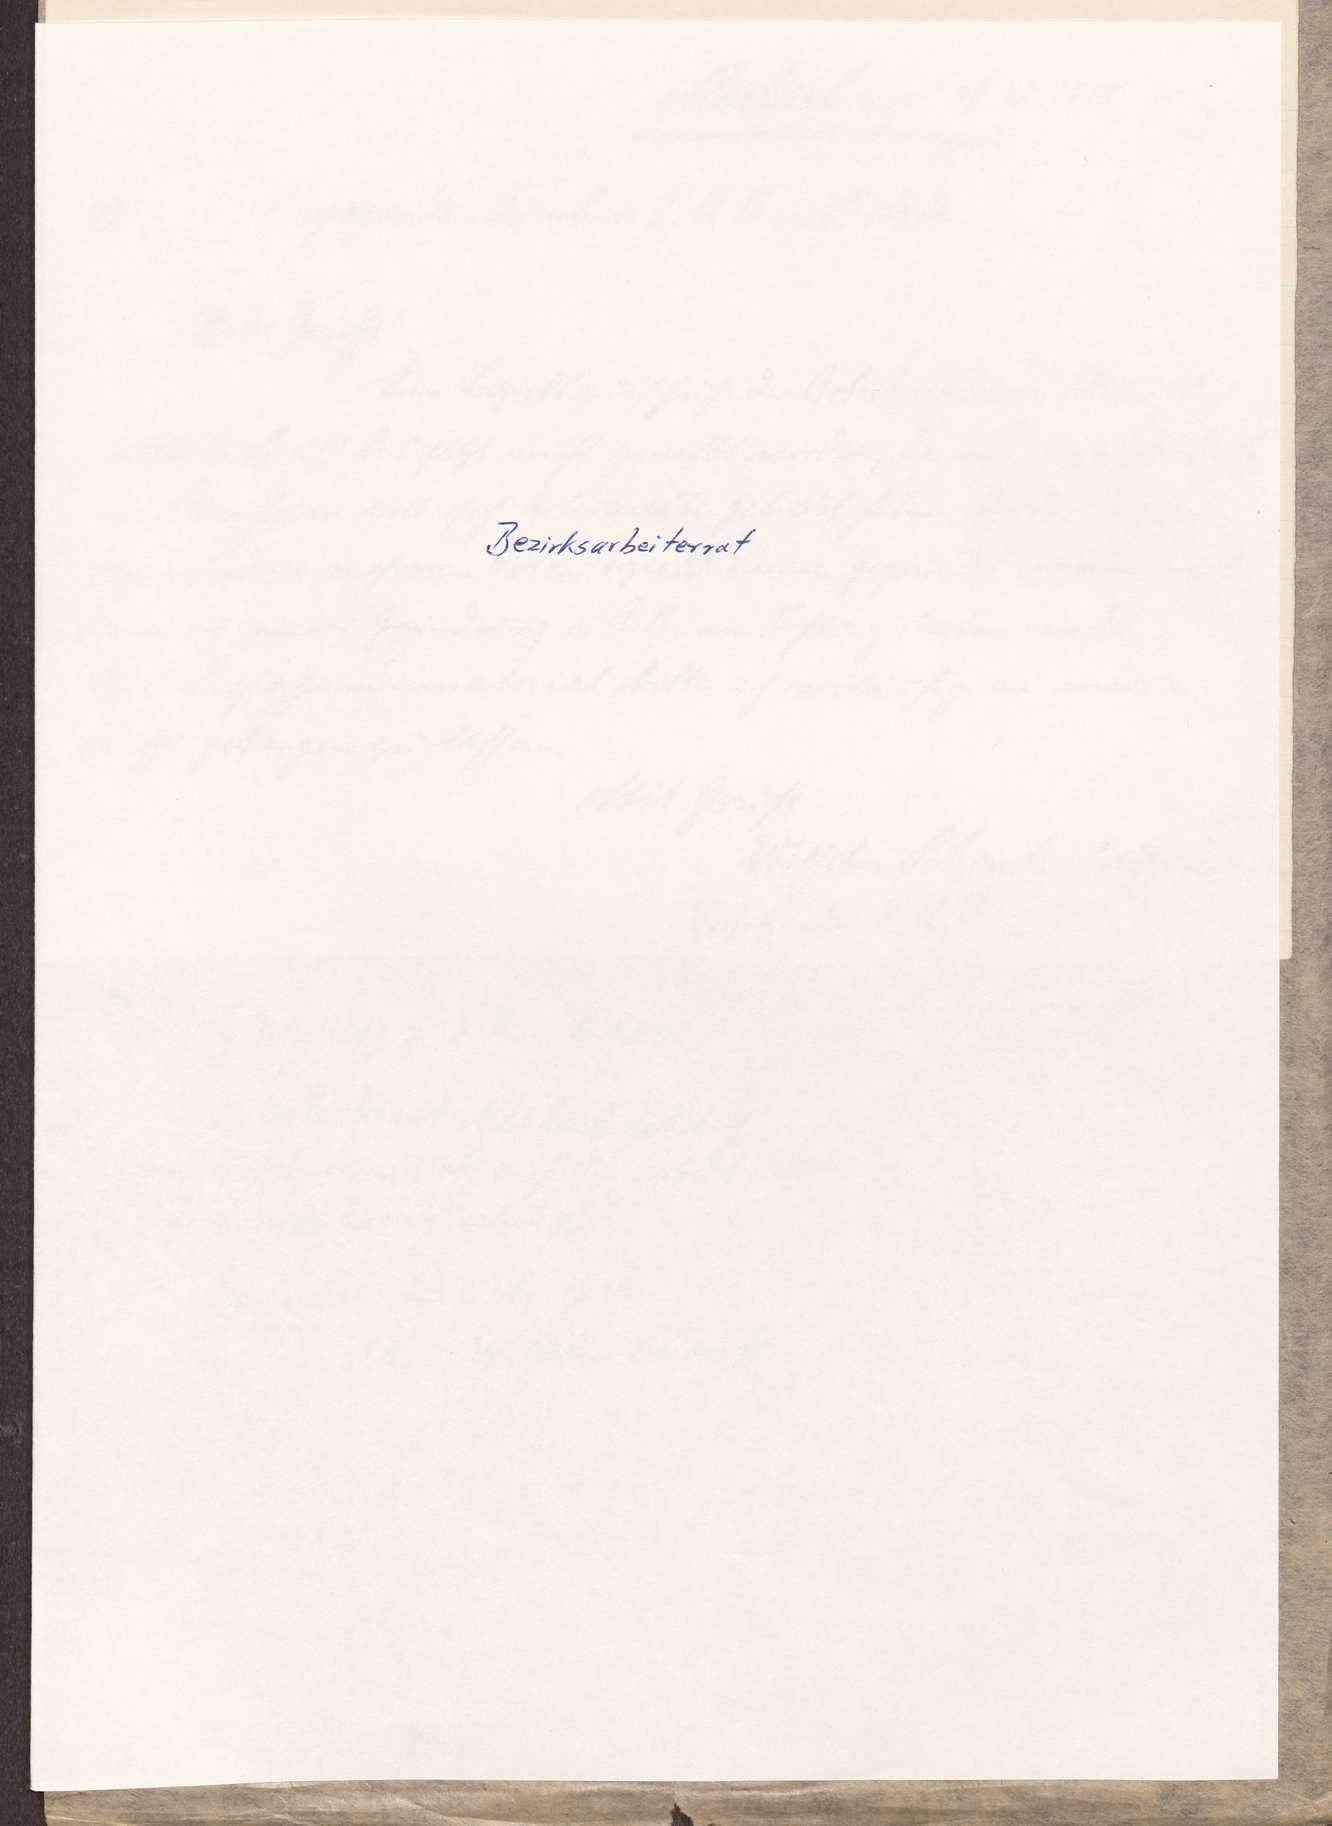 Wahl, Zusammensetzung und Auflösung der Arbeiter- und Bauernräte im Oberamt Marbach, Bild 1